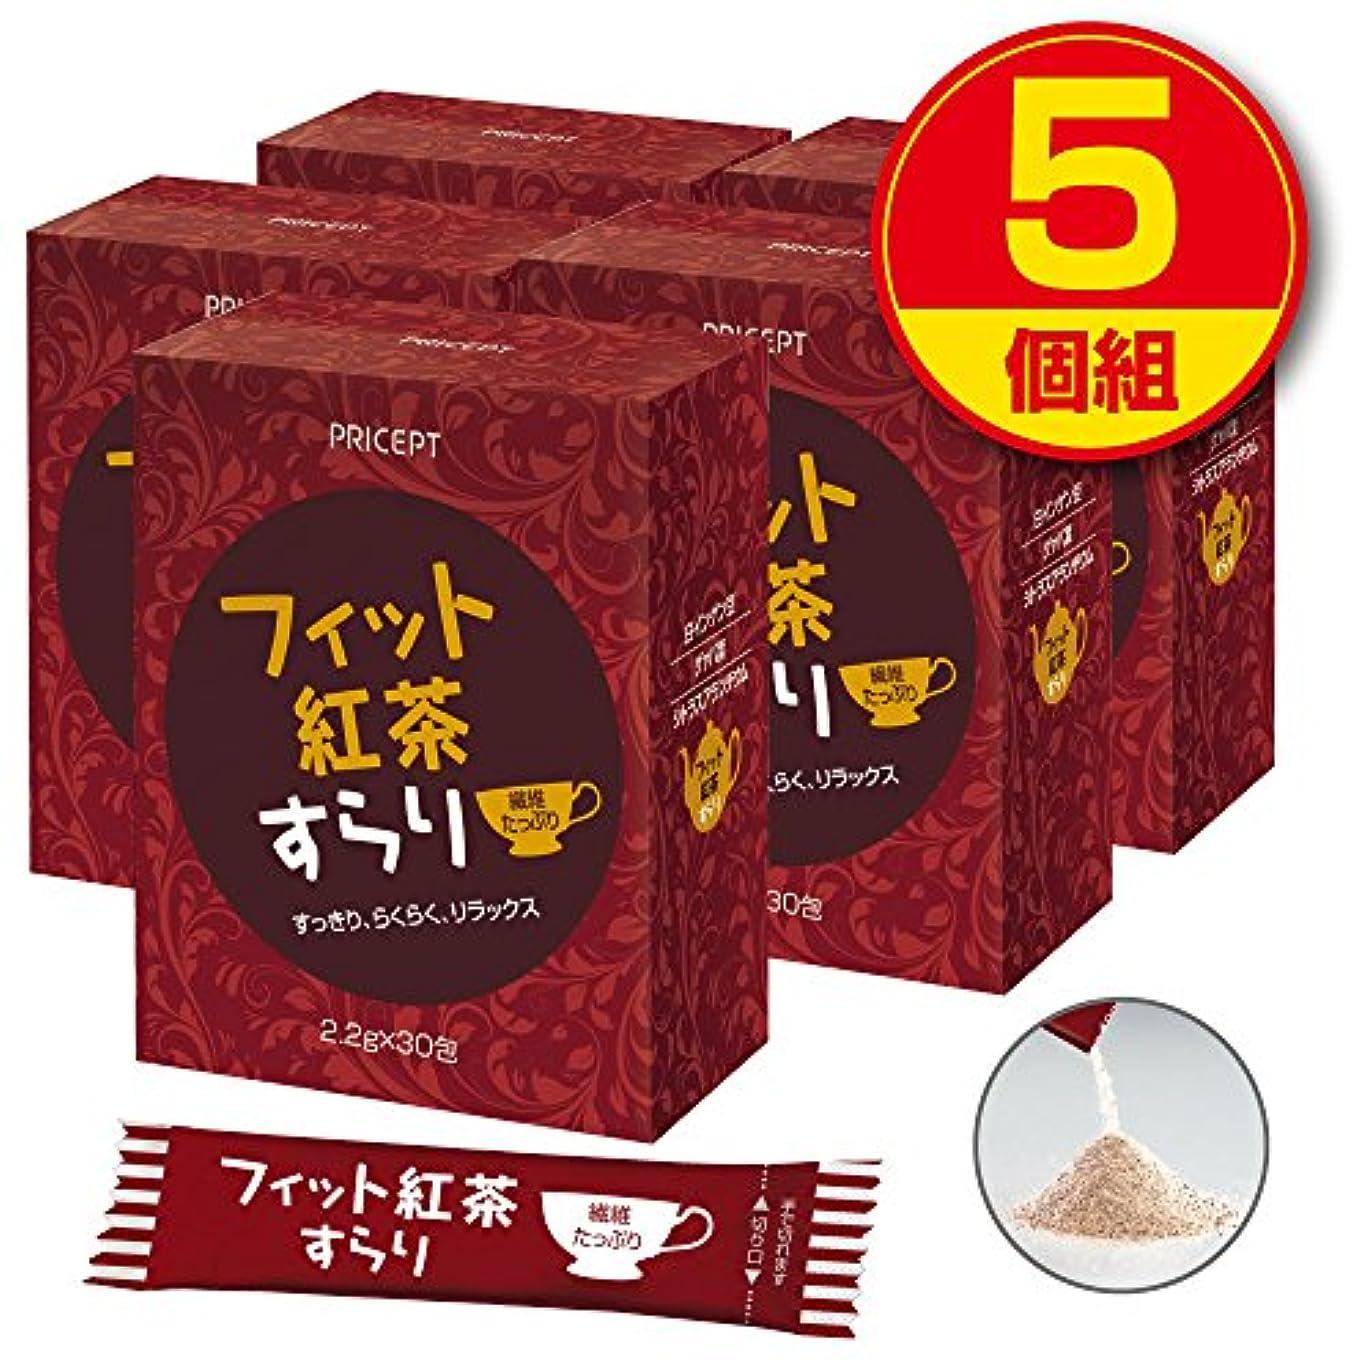 地区叫び声レスリングプリセプト フィット紅茶すらり(30包)【5個組?150包】(食物繊維配合ダイエットサポート紅茶)